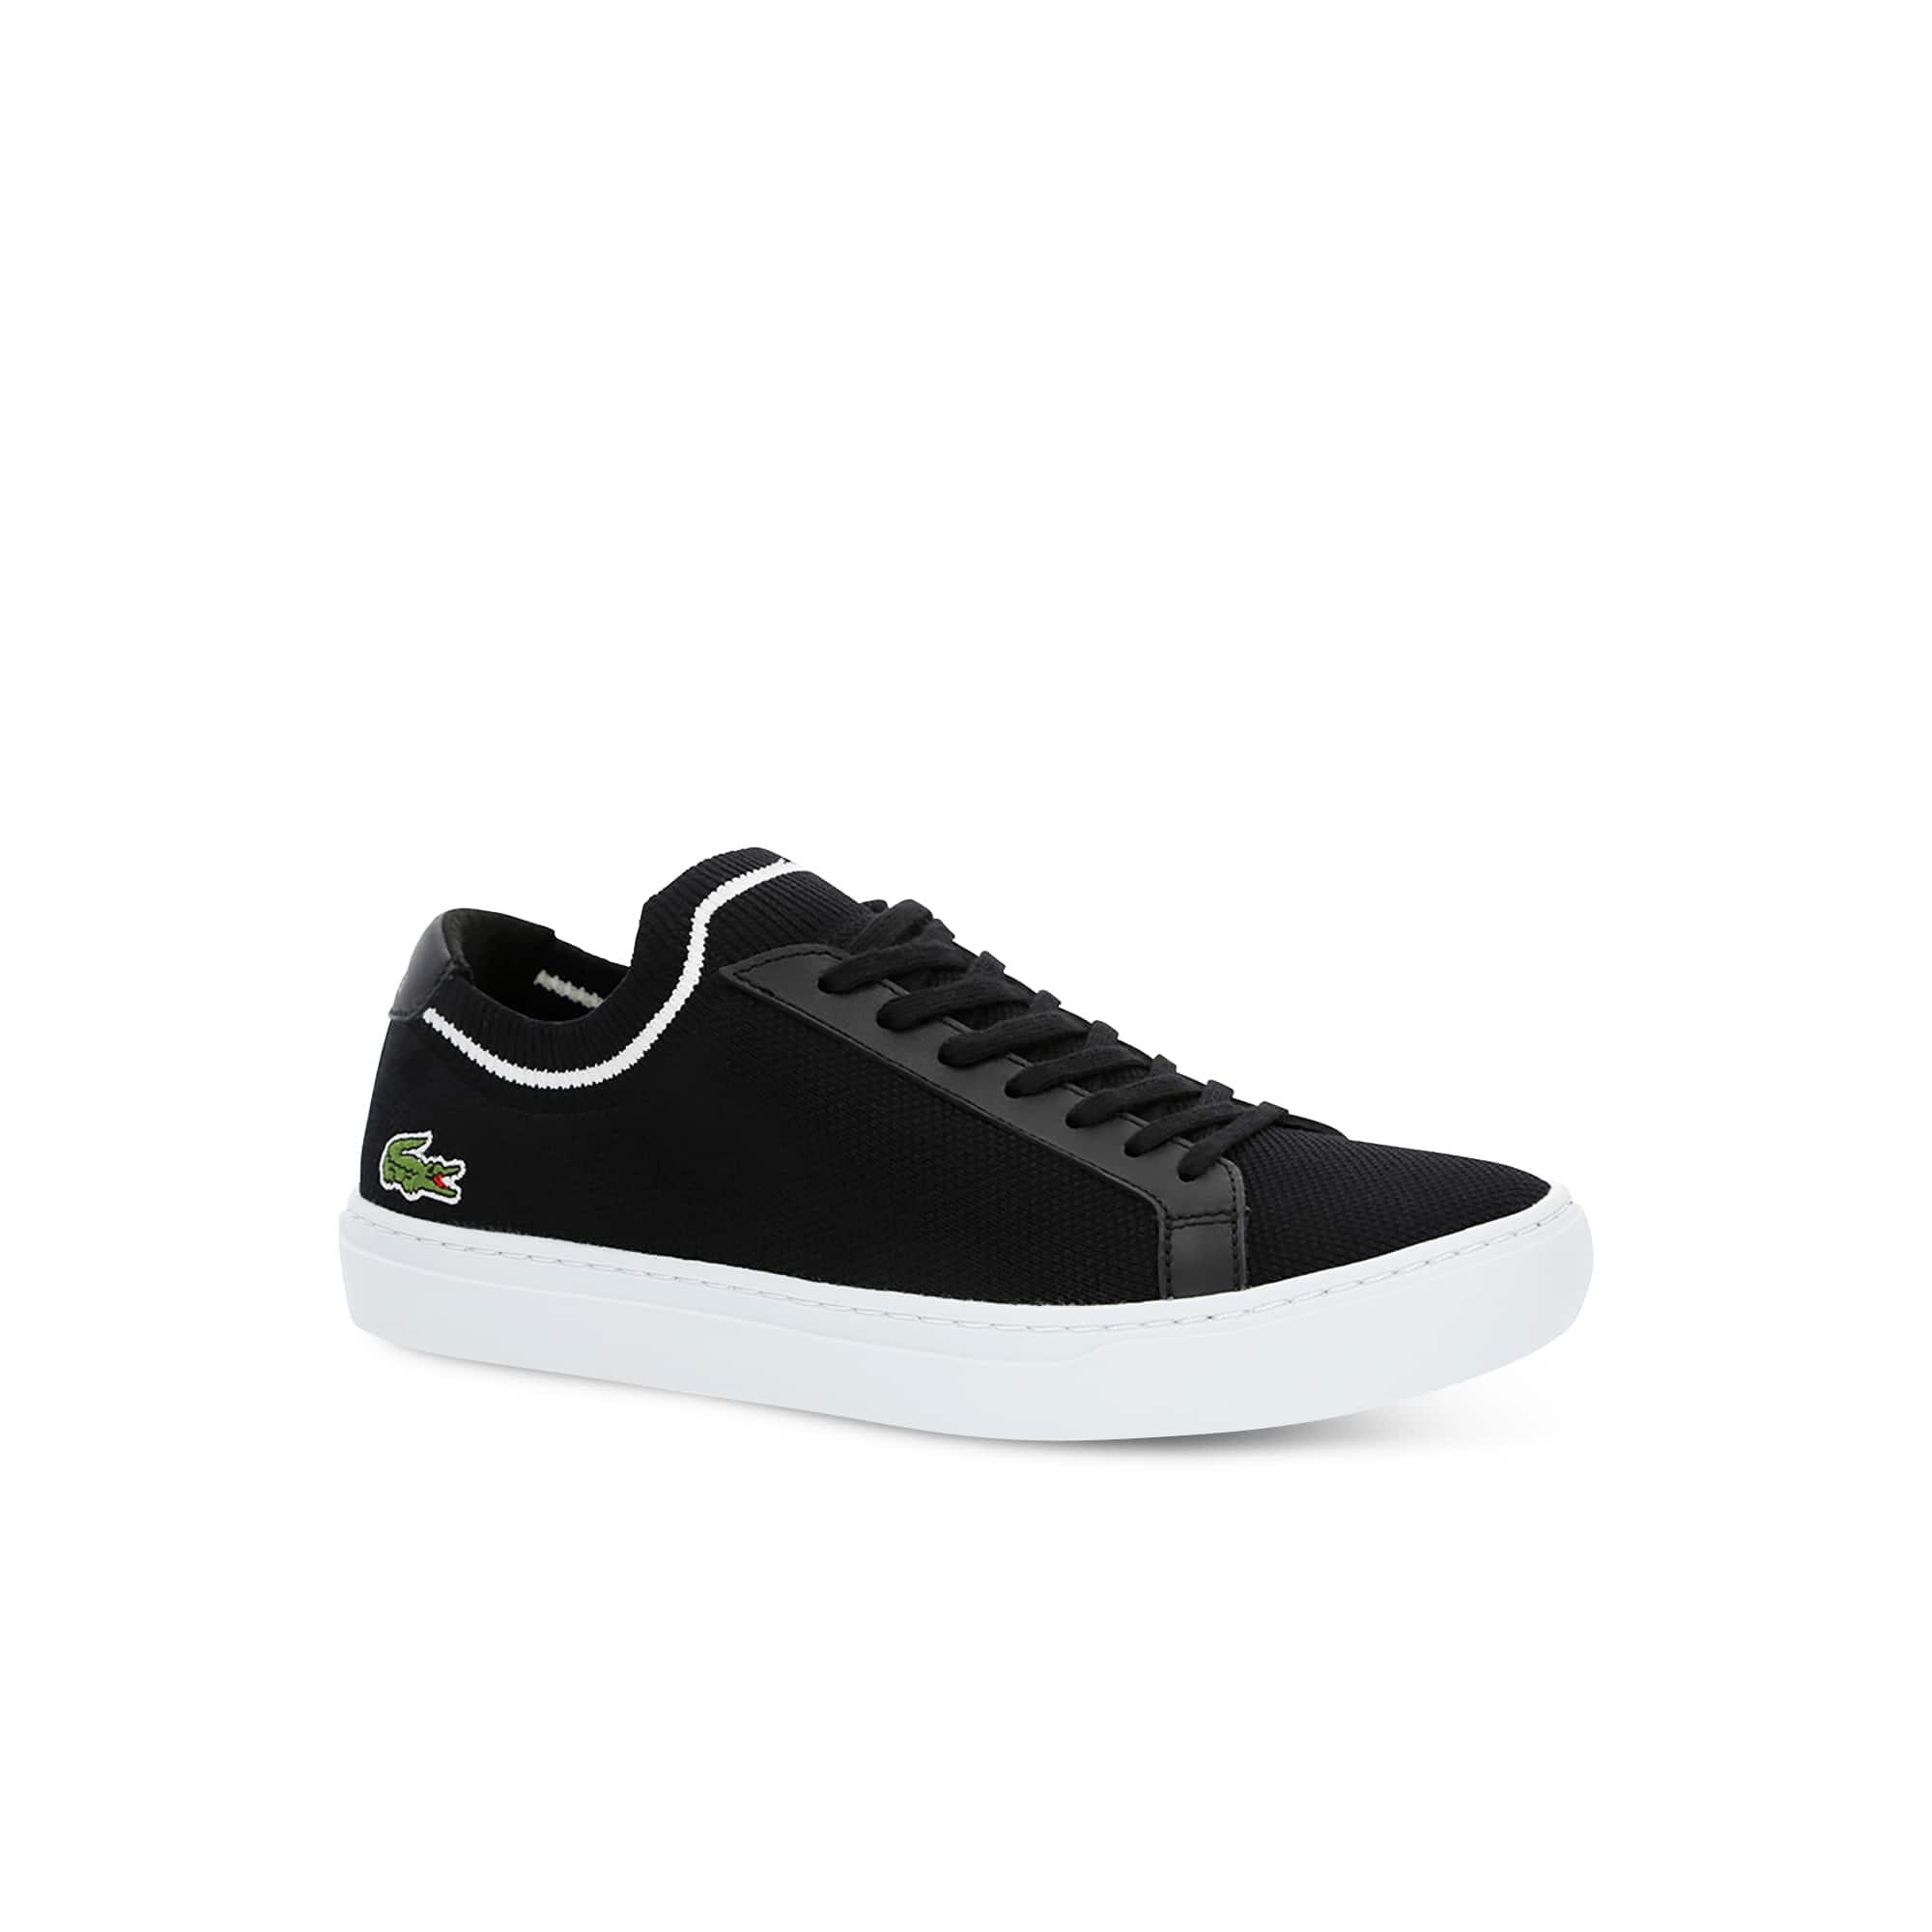 Scarpe Lacoste da uomo  sneaker 25f03108453